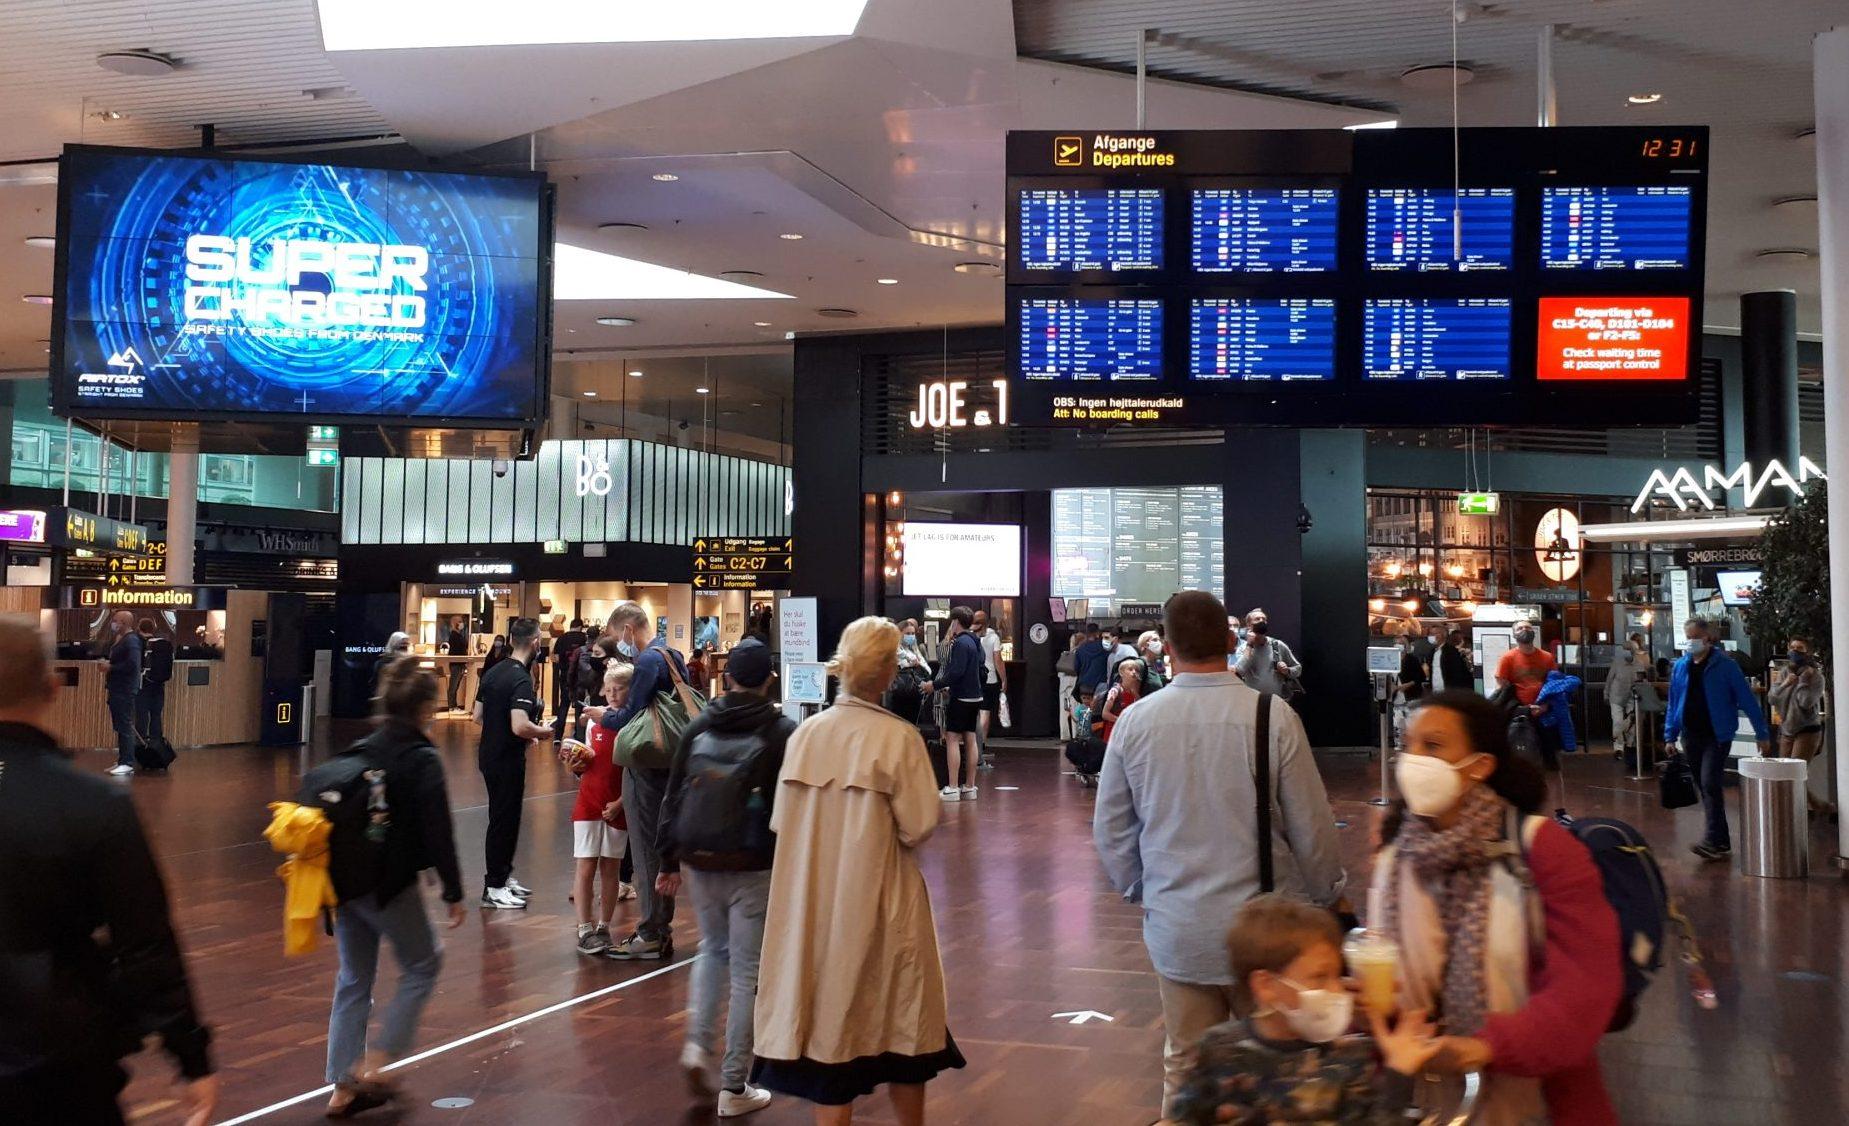 American Express Global Business Travel i Danmark er blandt de tre største rejsebureauer indenfor forretningsrejser. Arkivfoto: Henrik Baumgarten.